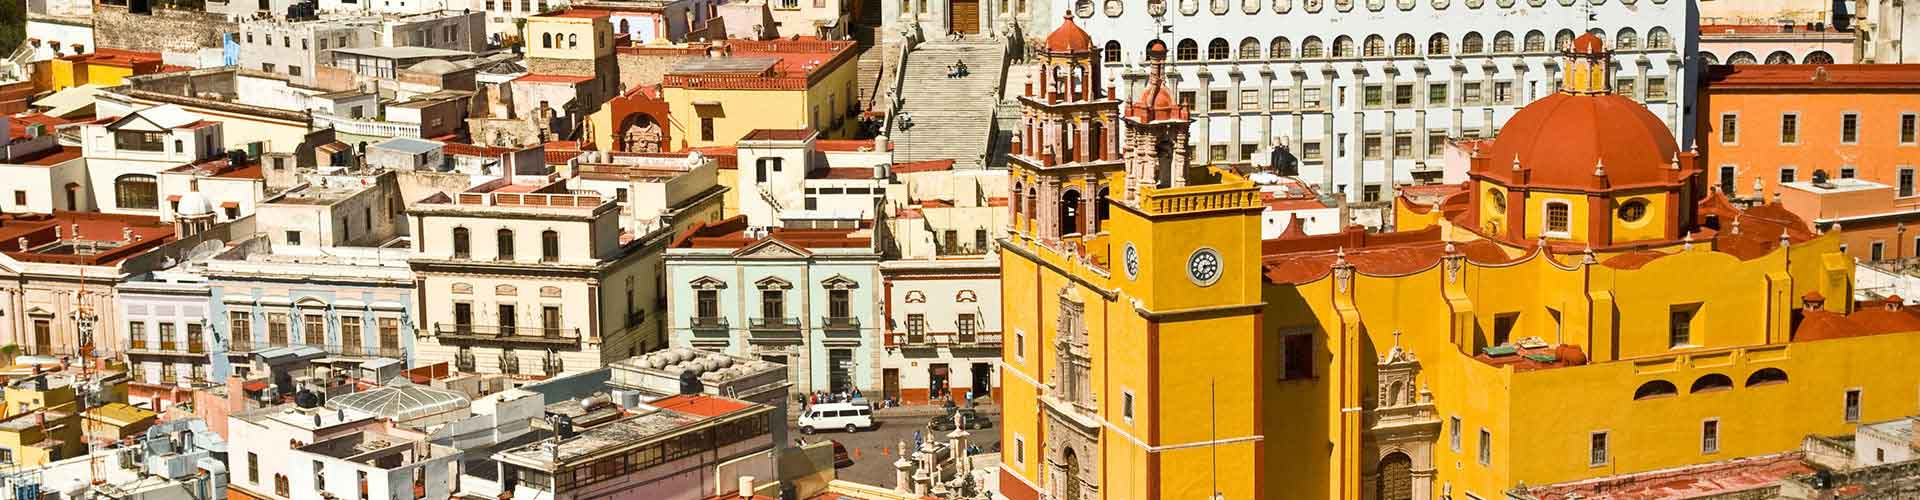 Guanajuato - Apartamentos en Guanajuato. Mapas de Guanajuato, Fotos y comentarios de cada Apartamento en Guanajuato.